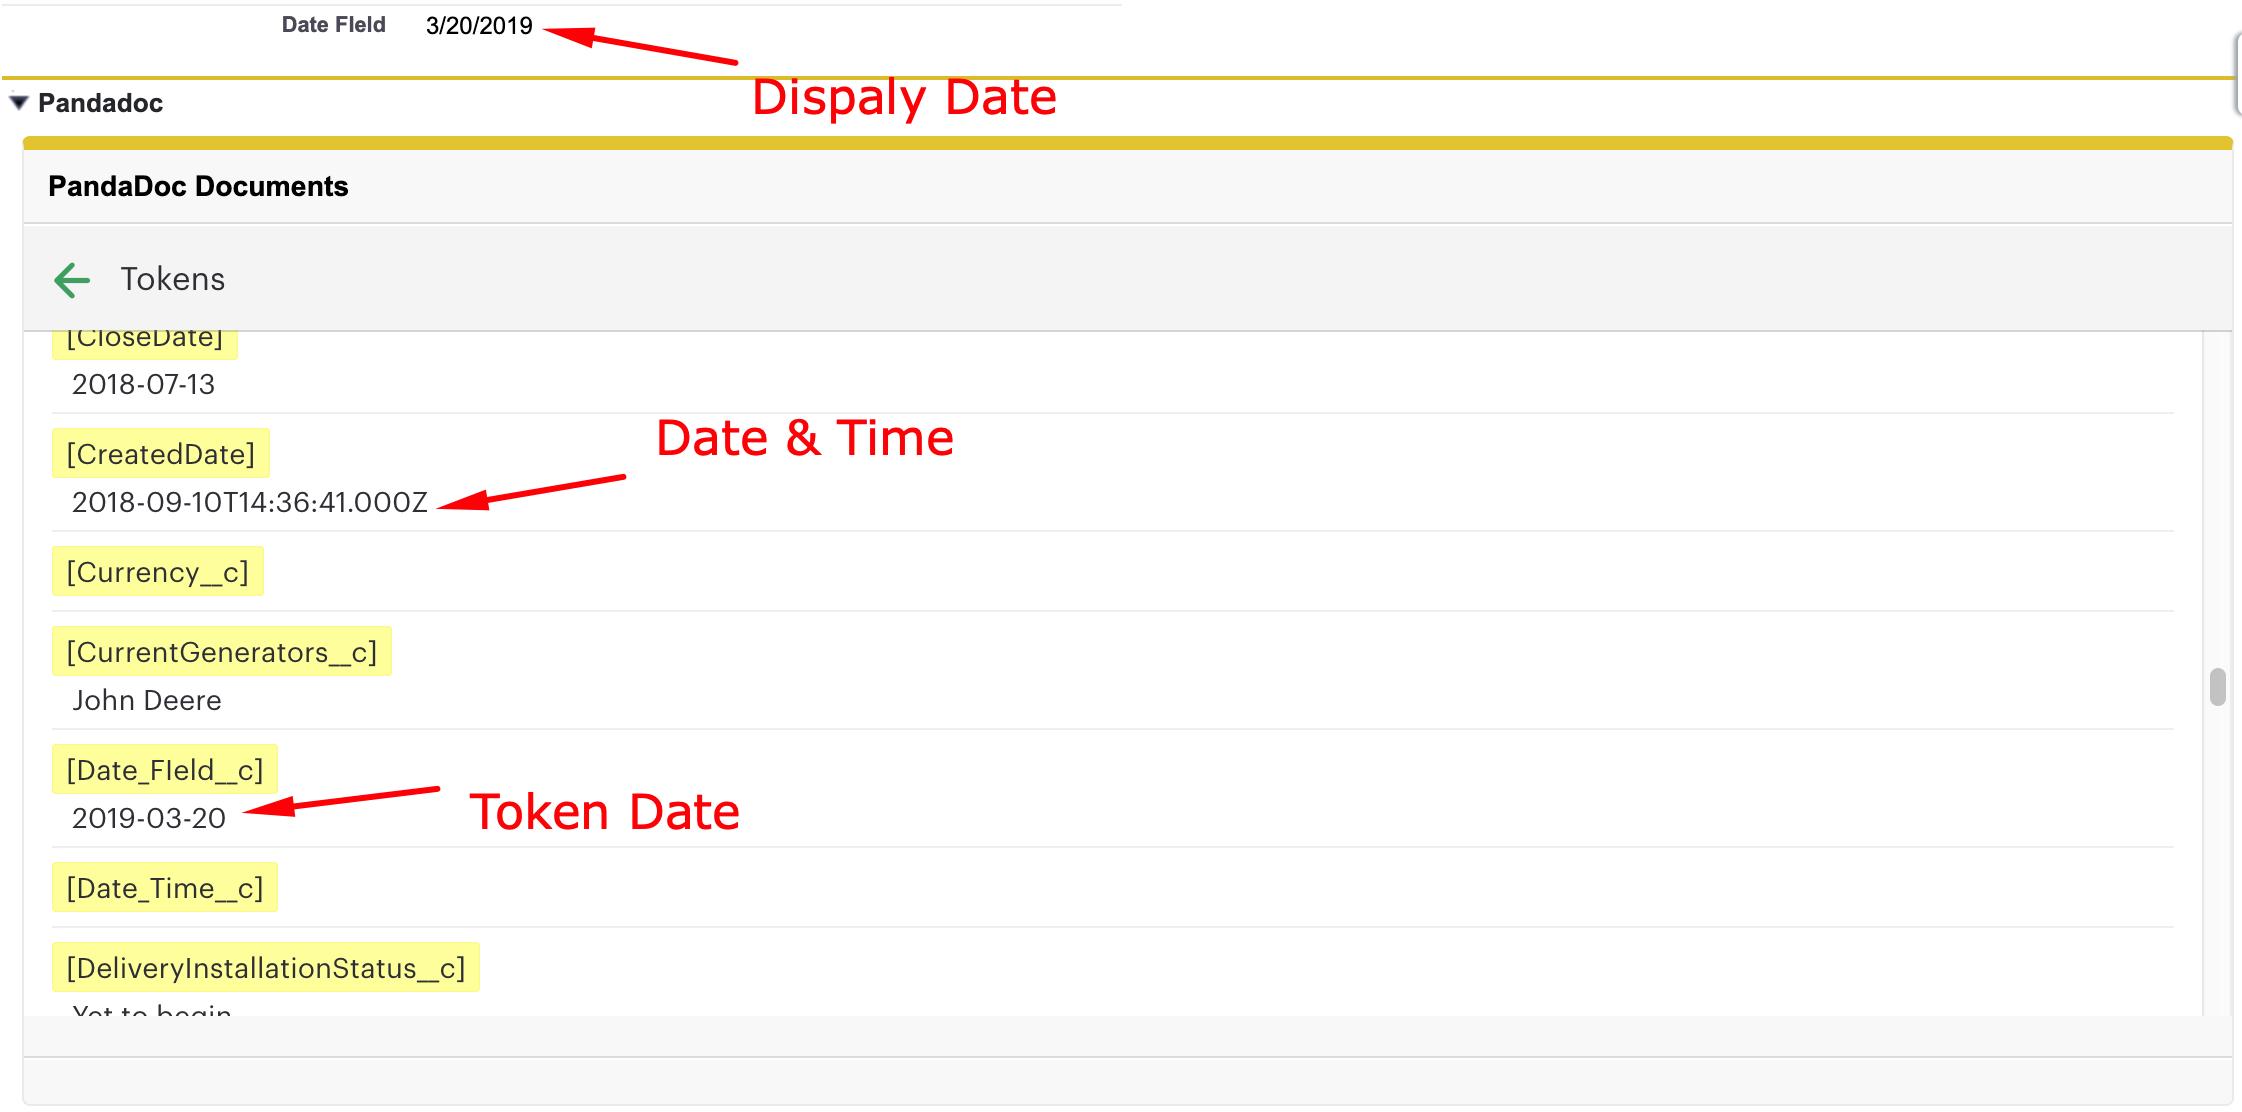 C parse date format mm/dd/yyyy